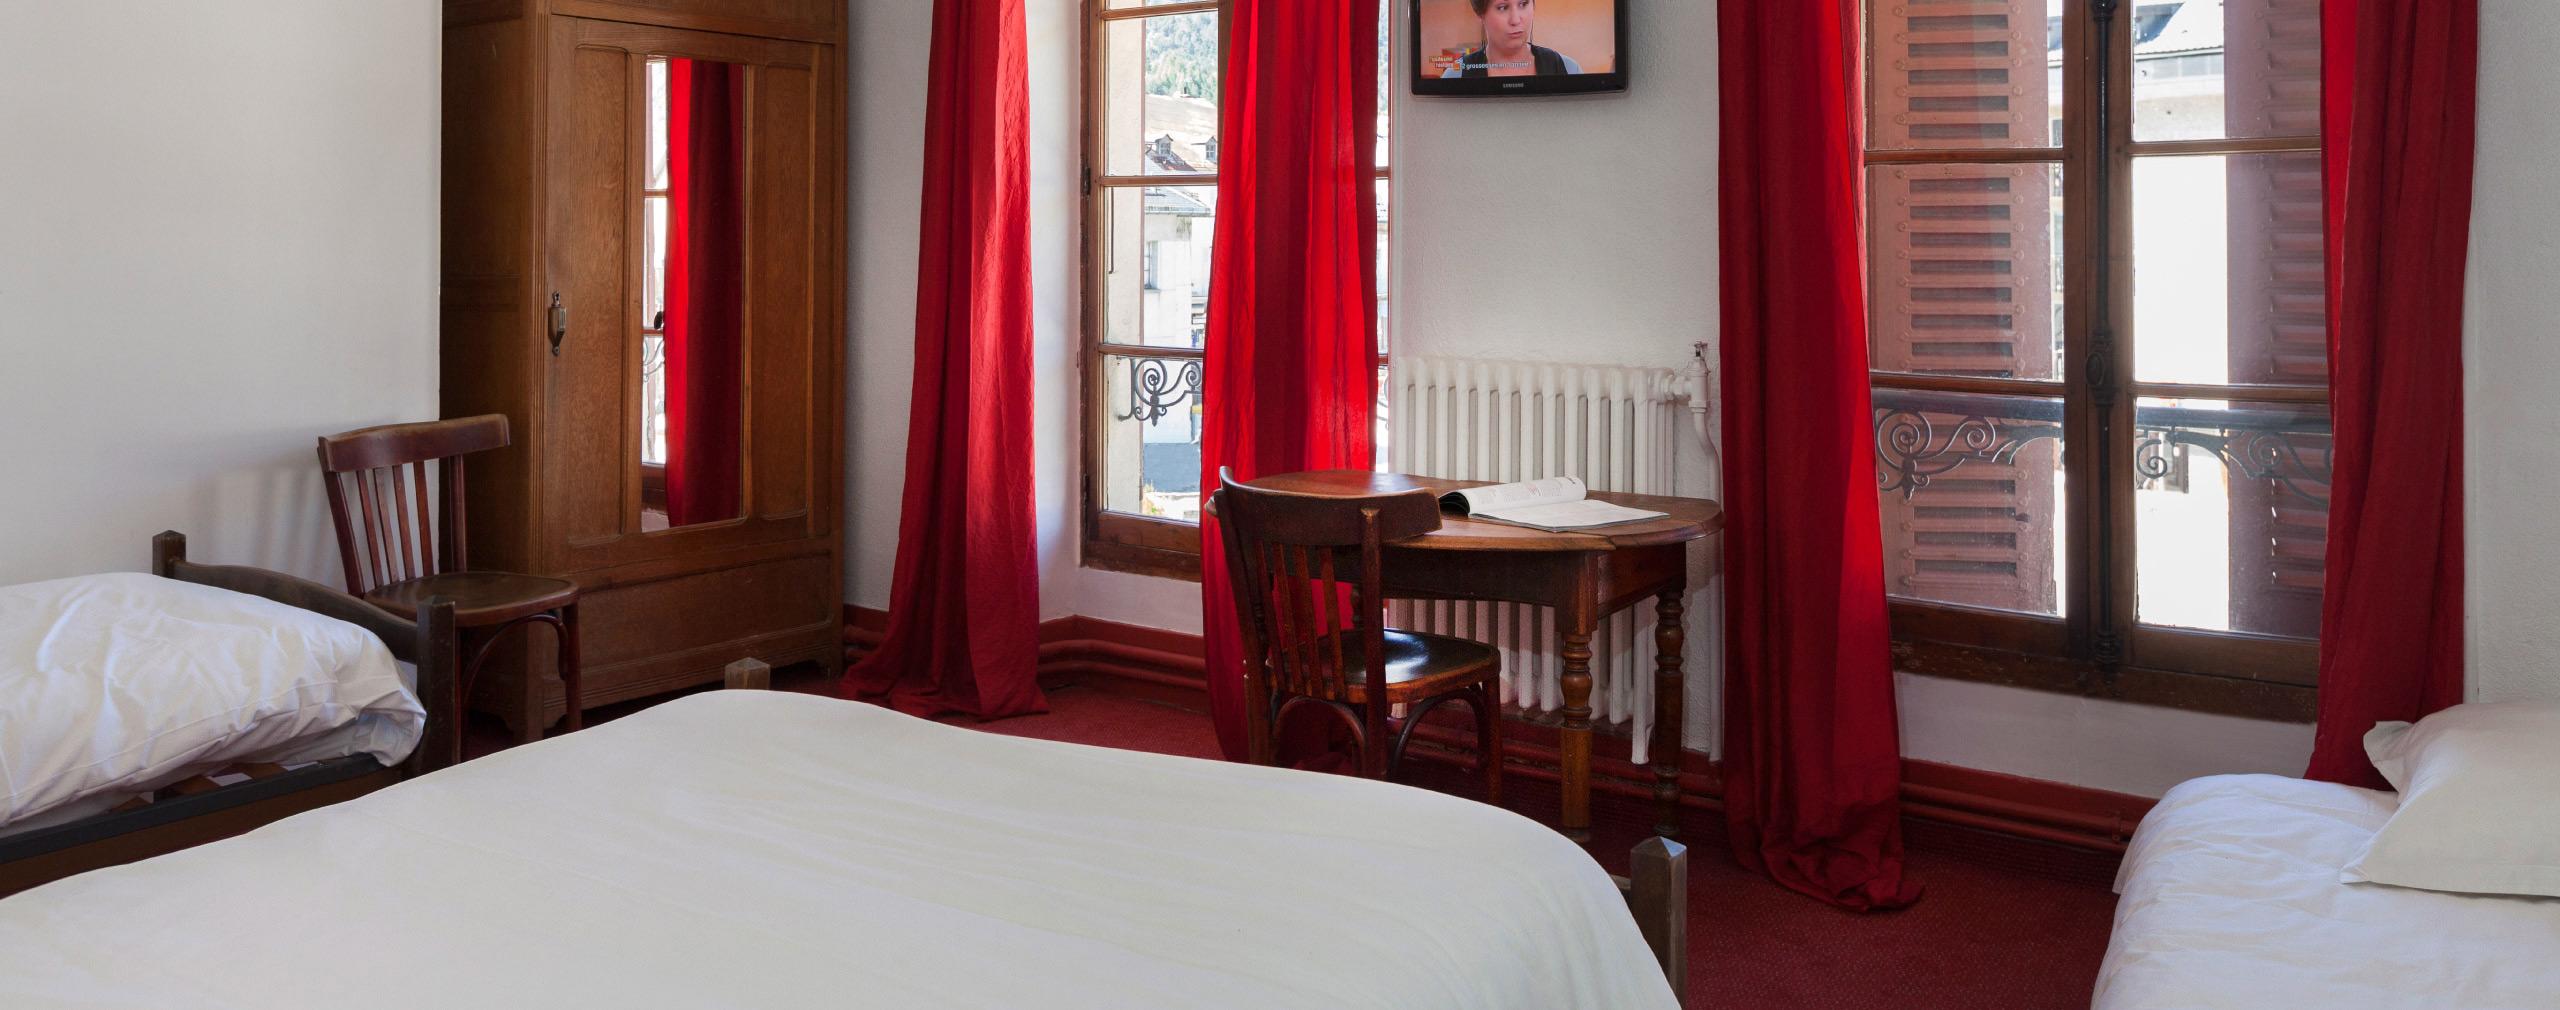 Chambres d'hôtel Bourg d'Oisans